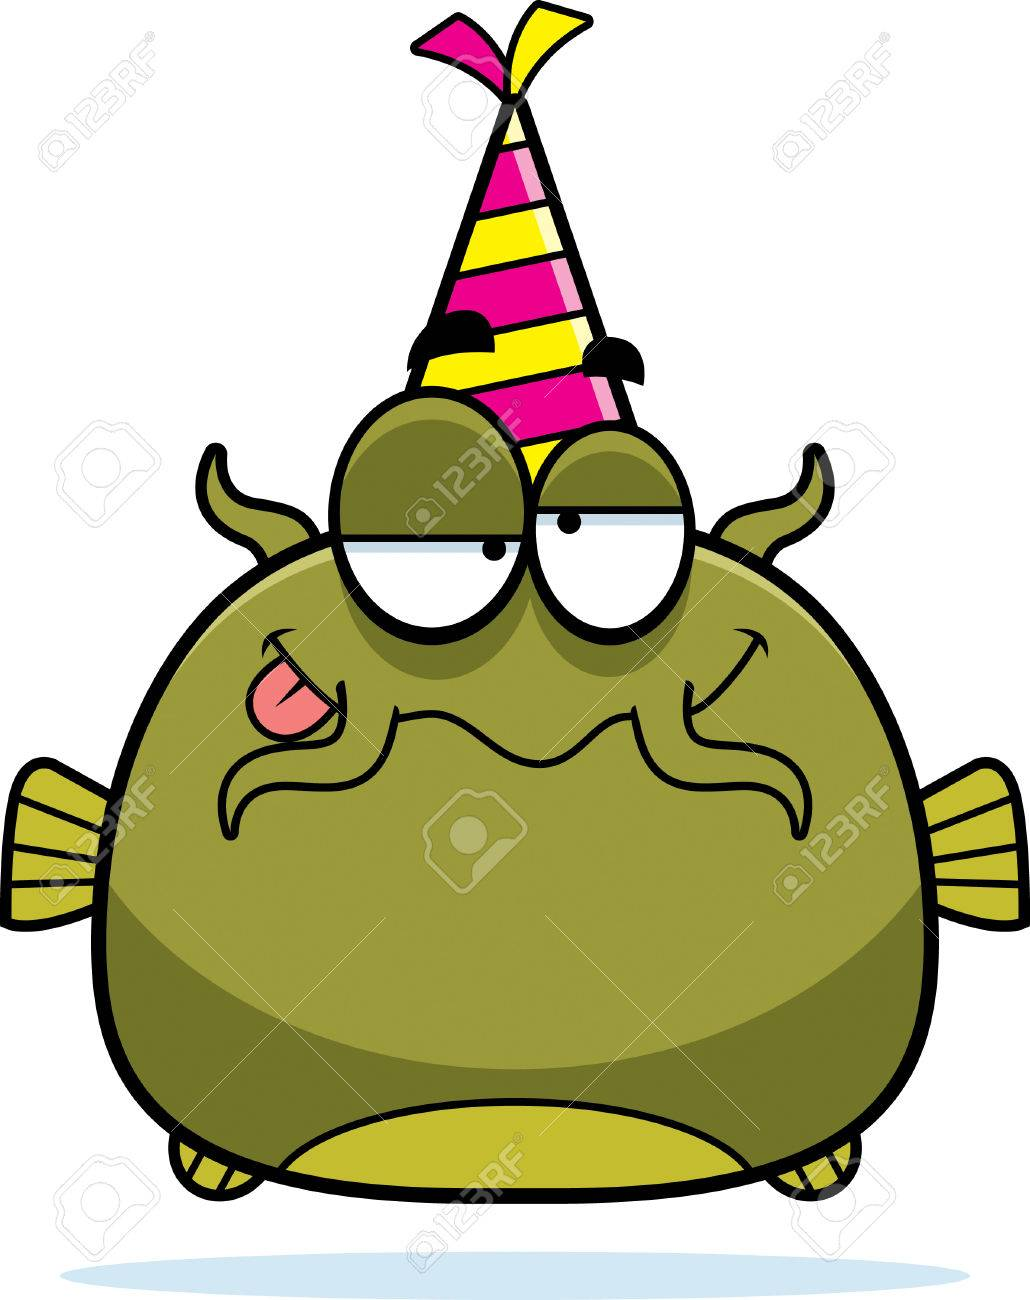 Foto de archivo , Una ilustración de dibujos animados de un pez gato con un sombrero de fiesta buscando borracho.